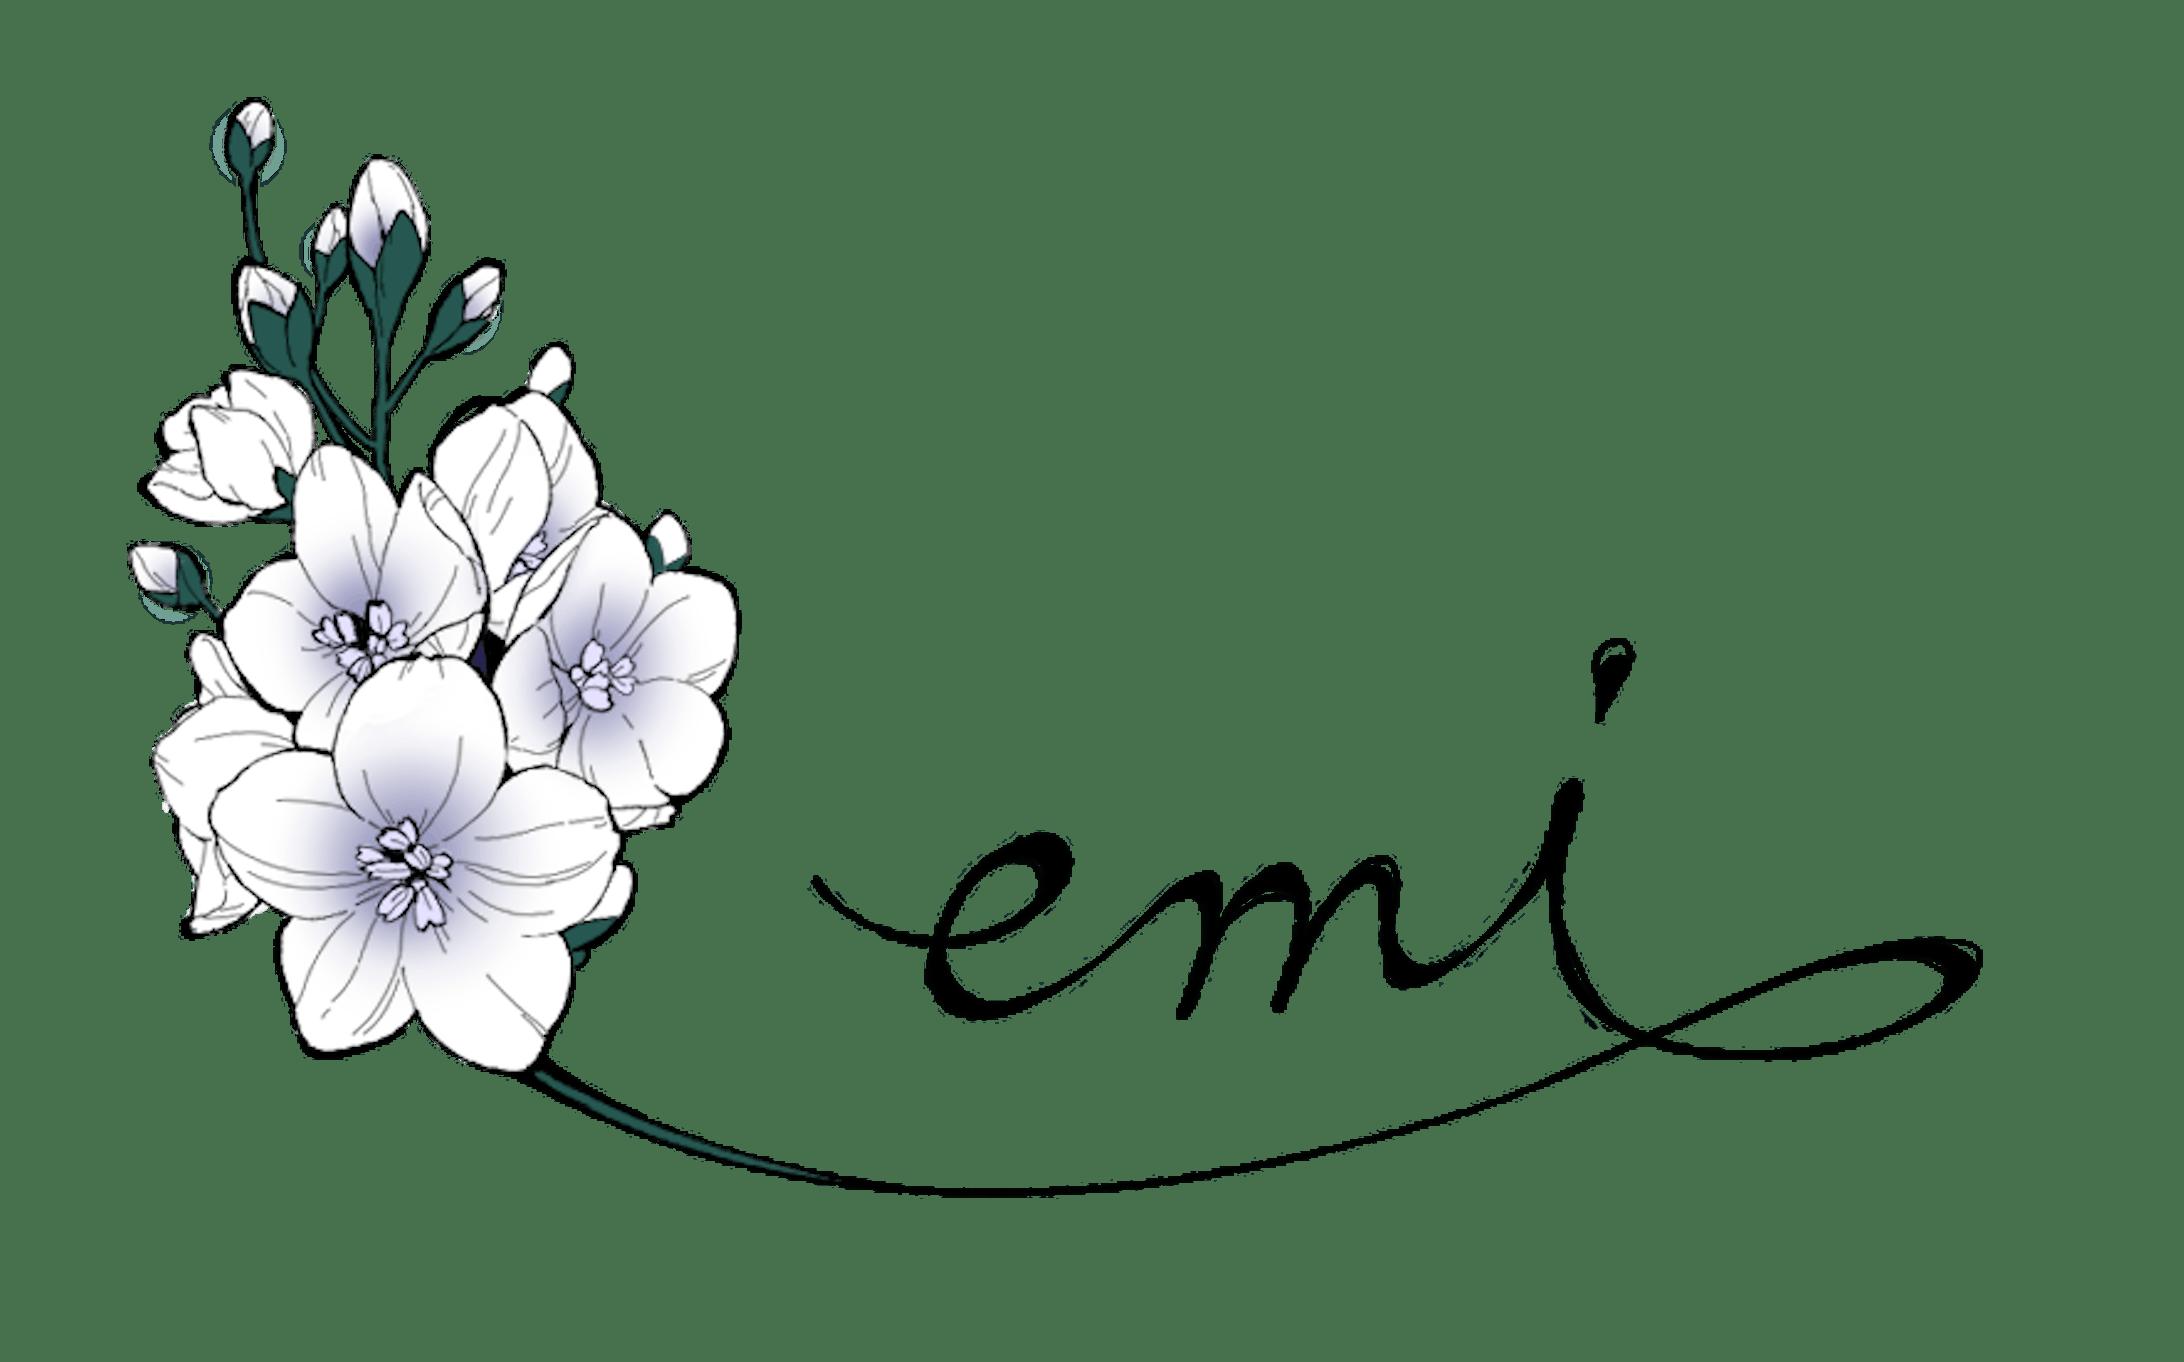 母のアクセサリーショップ『縁美』Webサイト制作-2